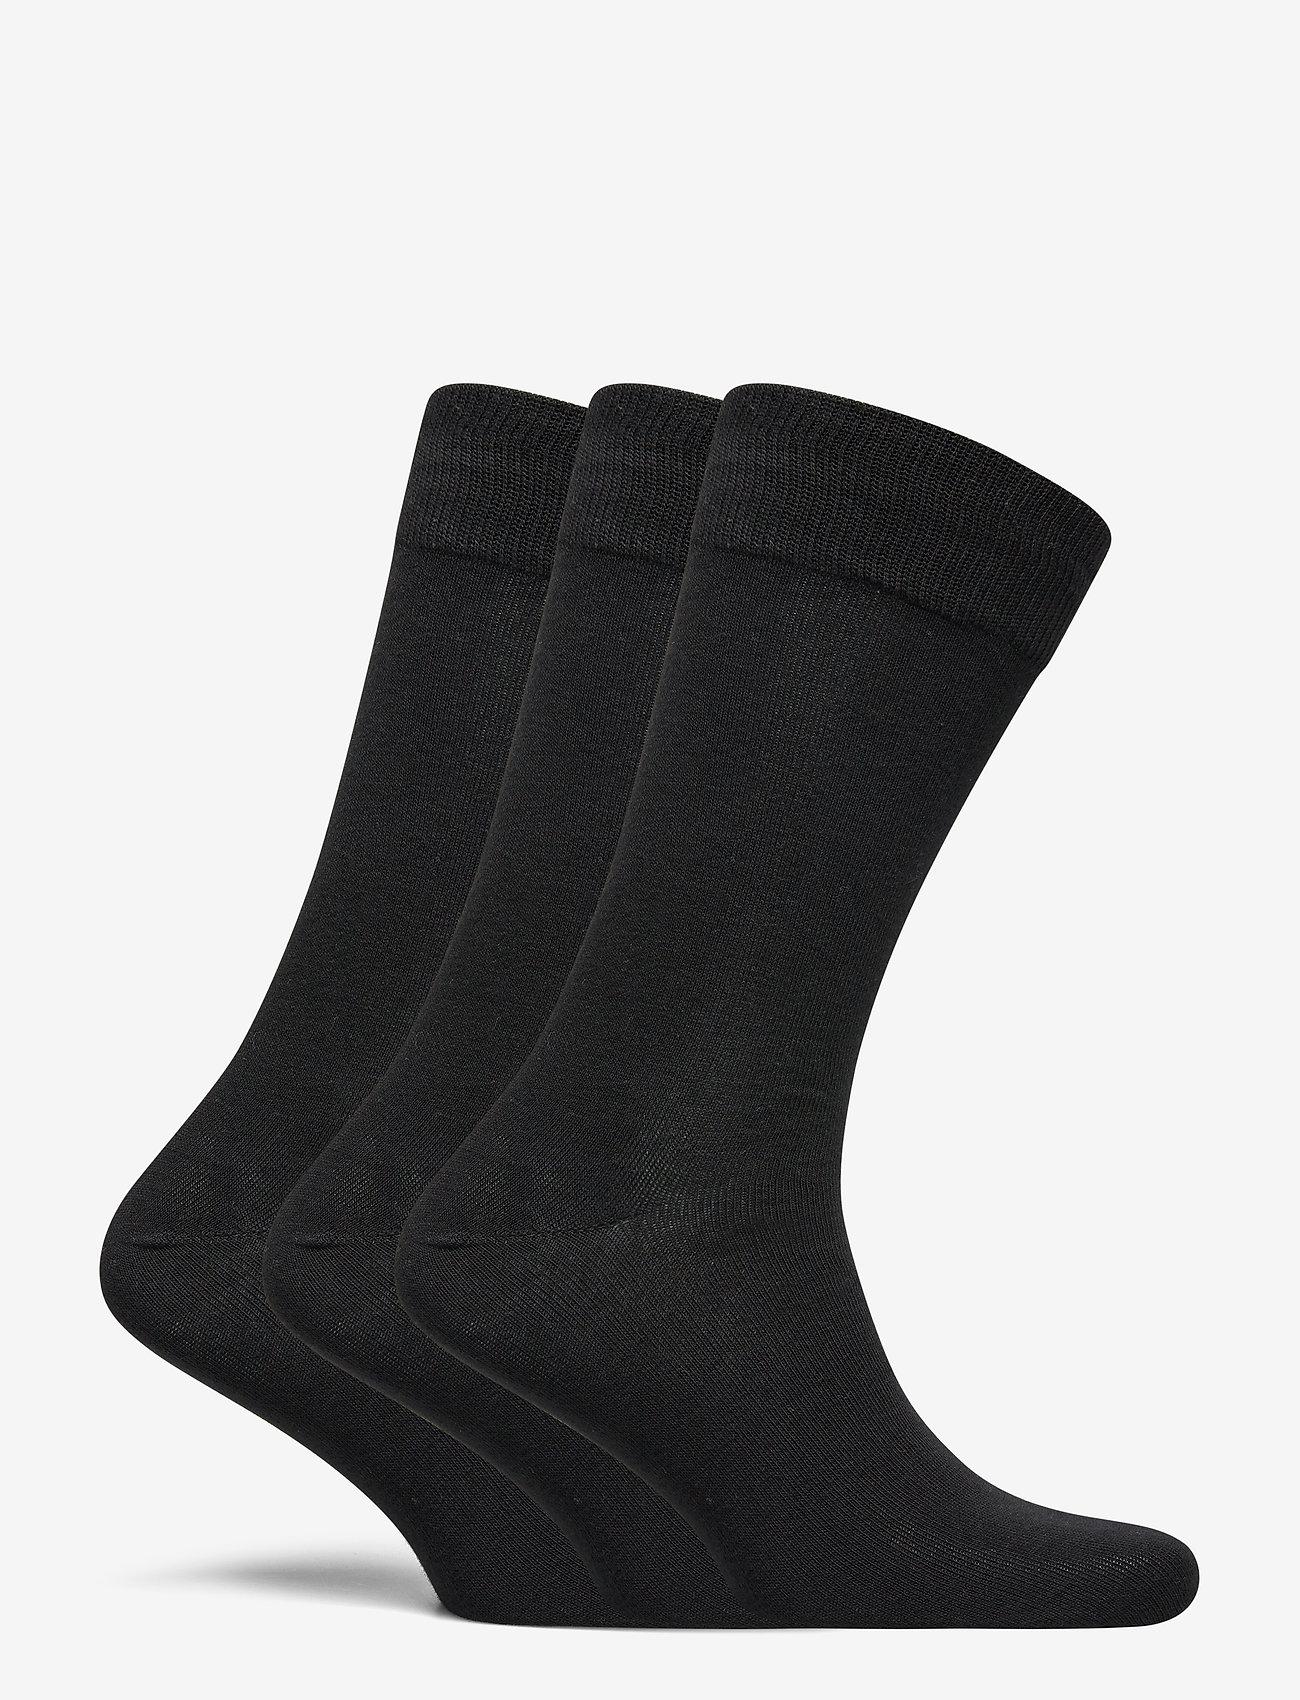 Selected Homme - SLH3-PACK COTTON SOCK - chaussettes régulières - black - 1